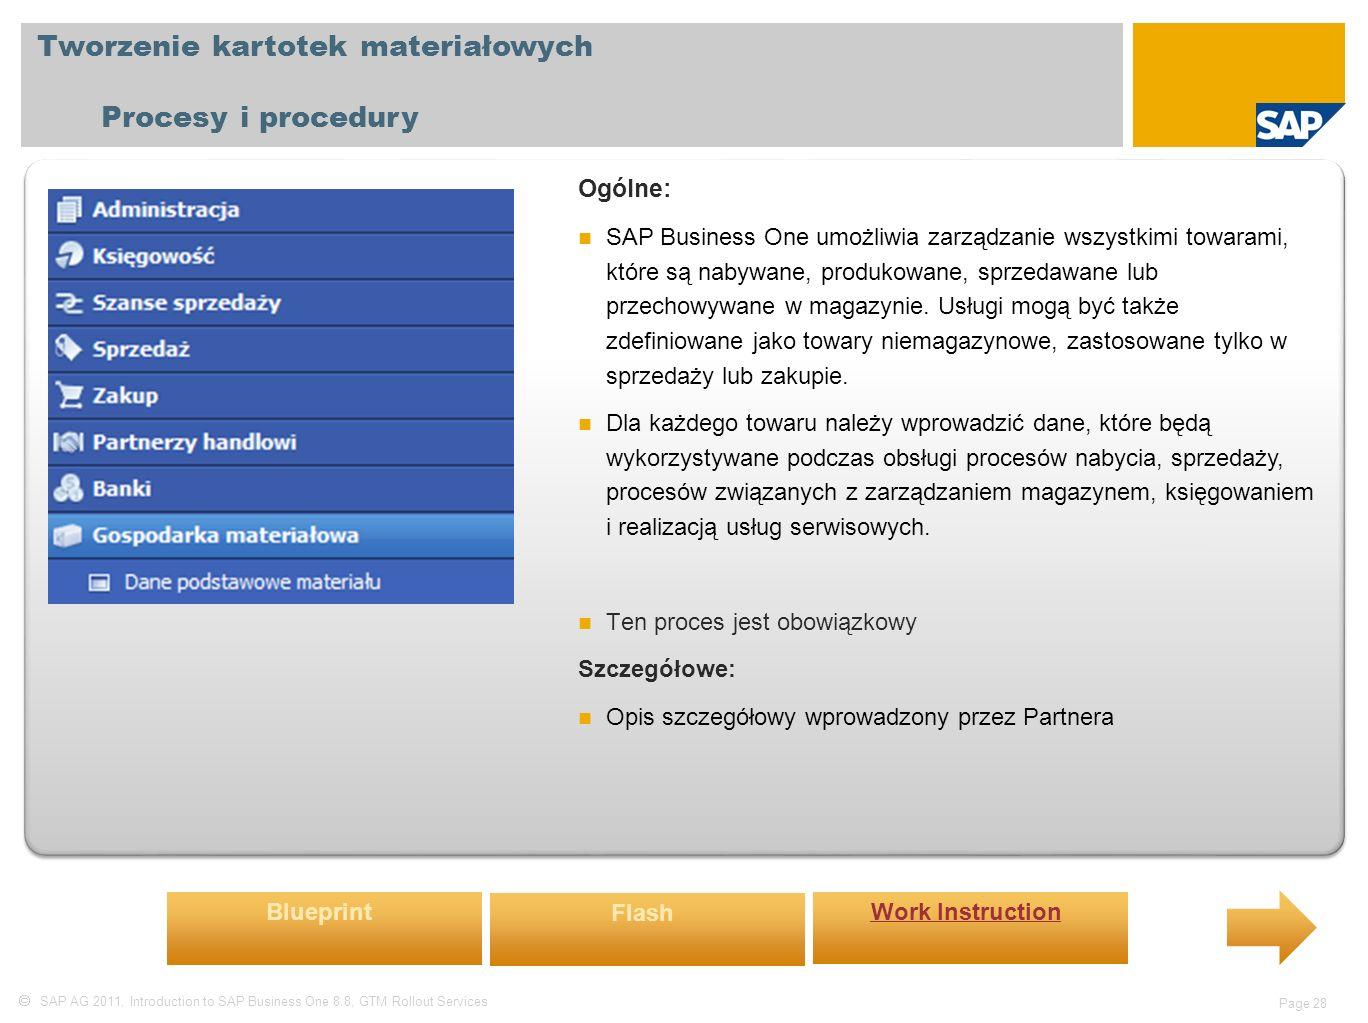  SAP AG 2011, Introduction to SAP Business One 8.8, GTM Rollout Services Page 28 Tworzenie kartotek materiałowych Procesy i procedury Ogólne: SAP Business One umożliwia zarządzanie wszystkimi towarami, które są nabywane, produkowane, sprzedawane lub przechowywane w magazynie.